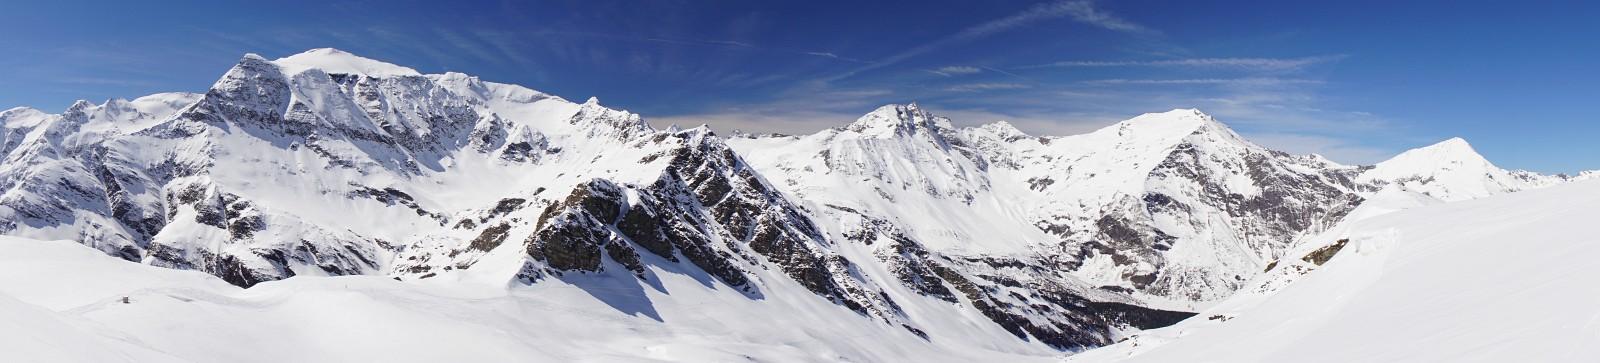 Gipfelparade vom Schareck über den Sonnblick und Hocharn zum Ritterkopf (Klick zur Vergrößerung)